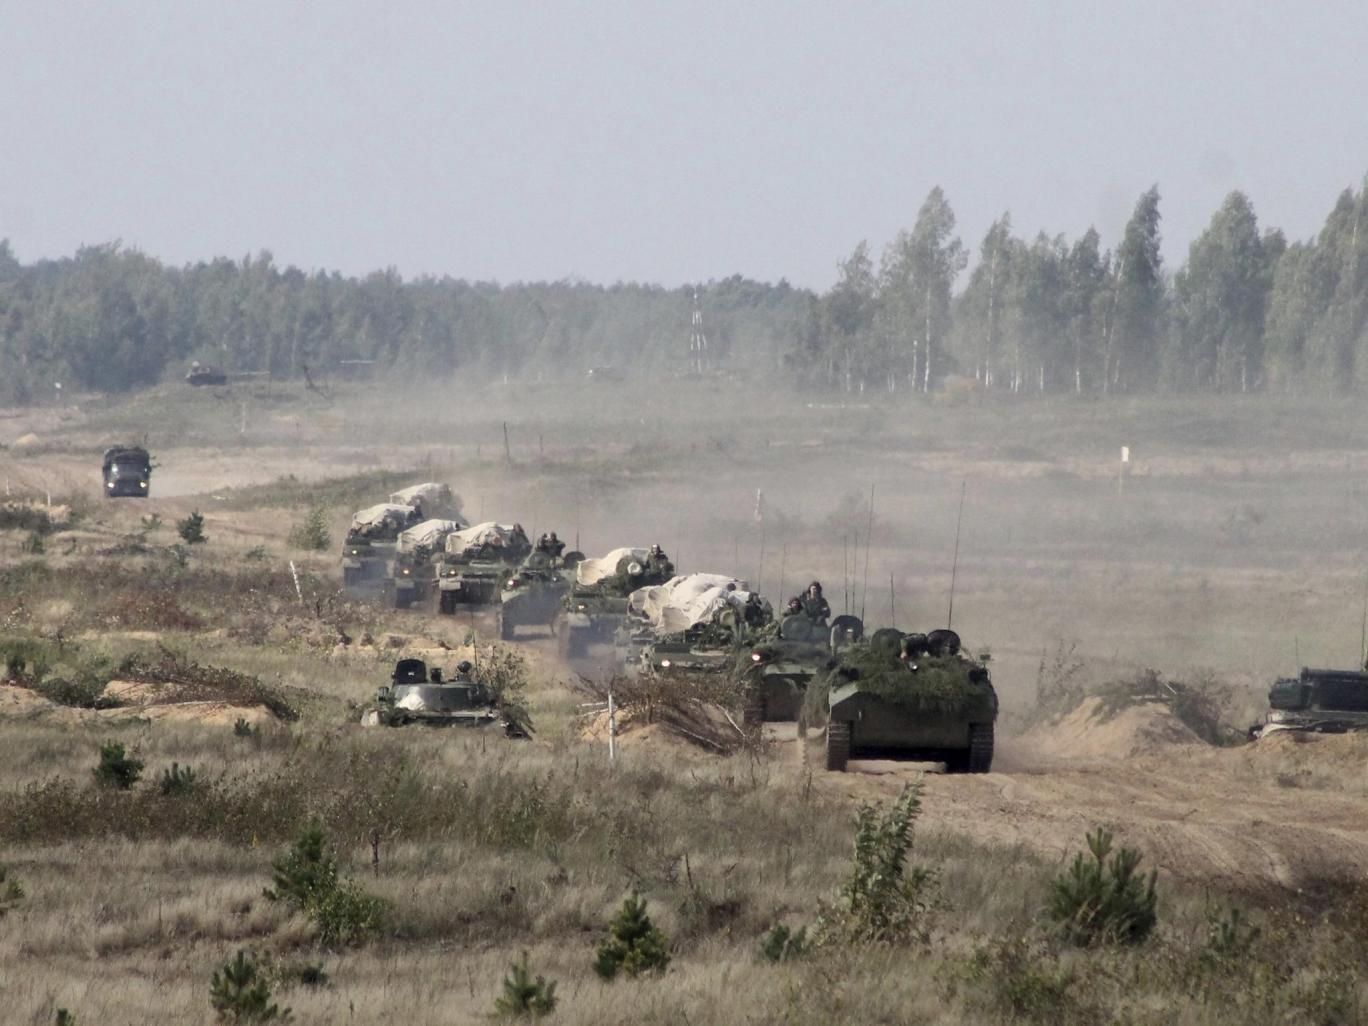 ورود تیپ زرهی آمریکا به لهستان همزمان با رزمایش مشترک روسیه و بلاروس